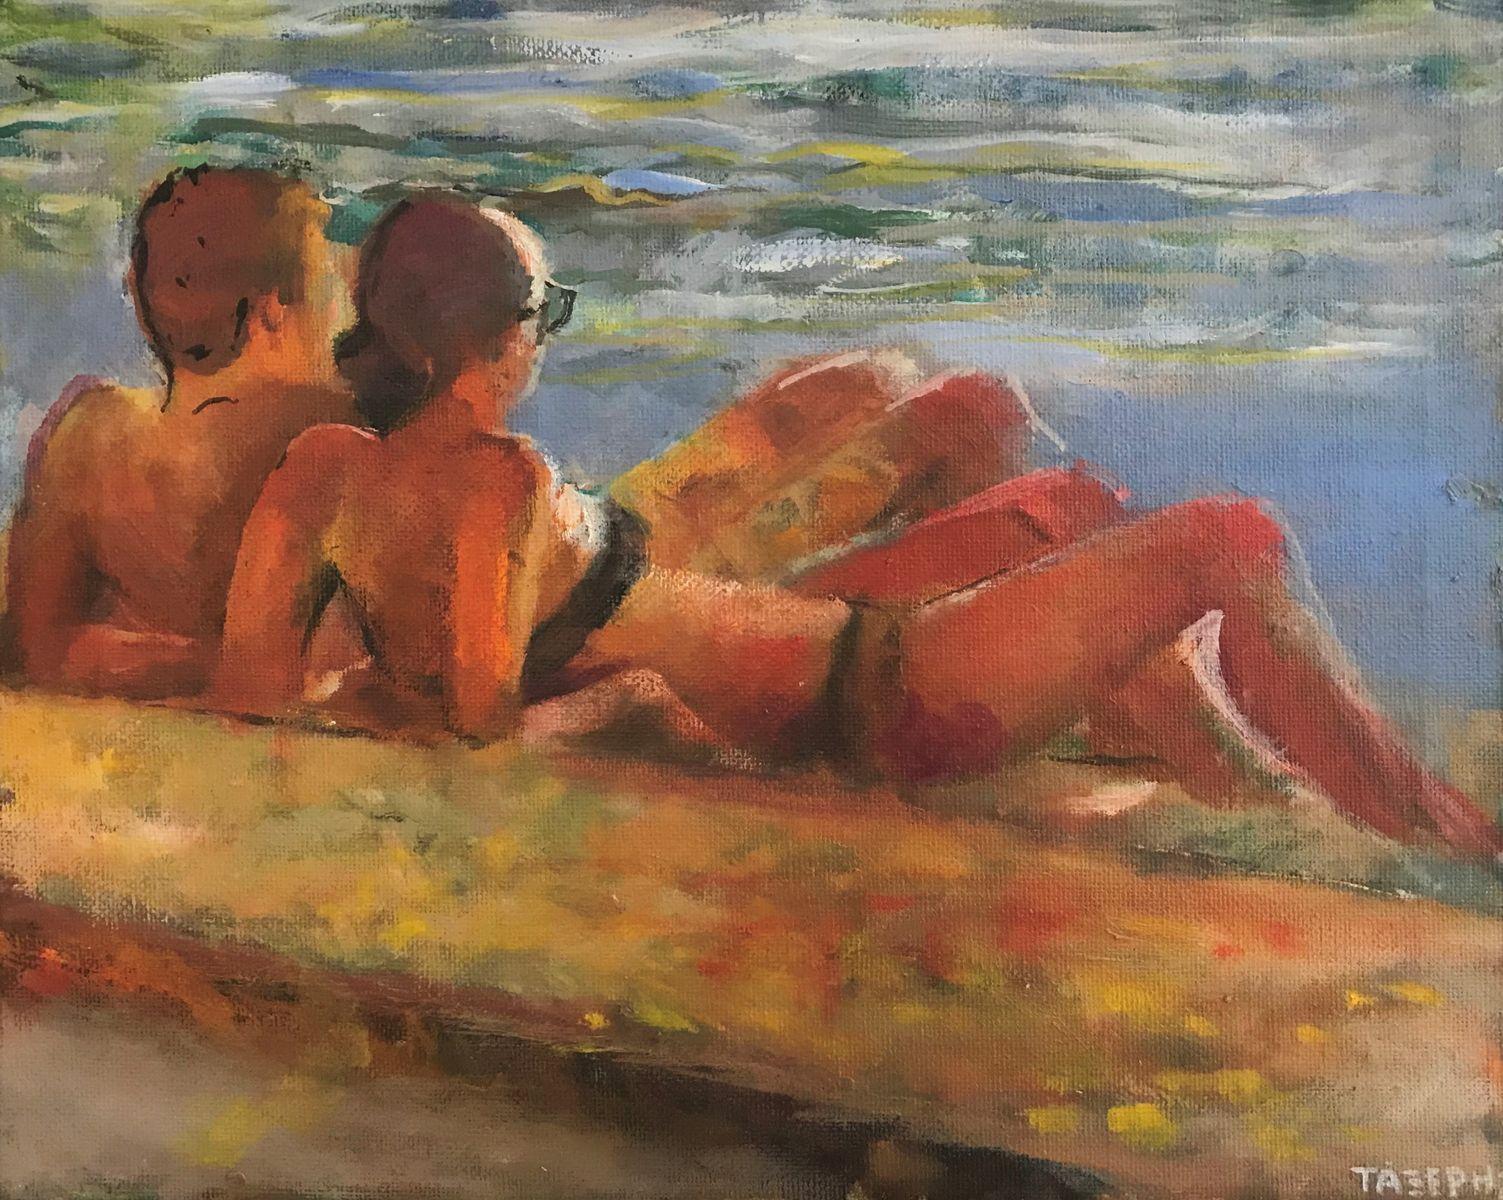 Γιώργος Τάξερης 24×30 εκ. Ακρυλικά σε καμβά Giorgos Taxeris 24×30 cm Acrylics on canvas